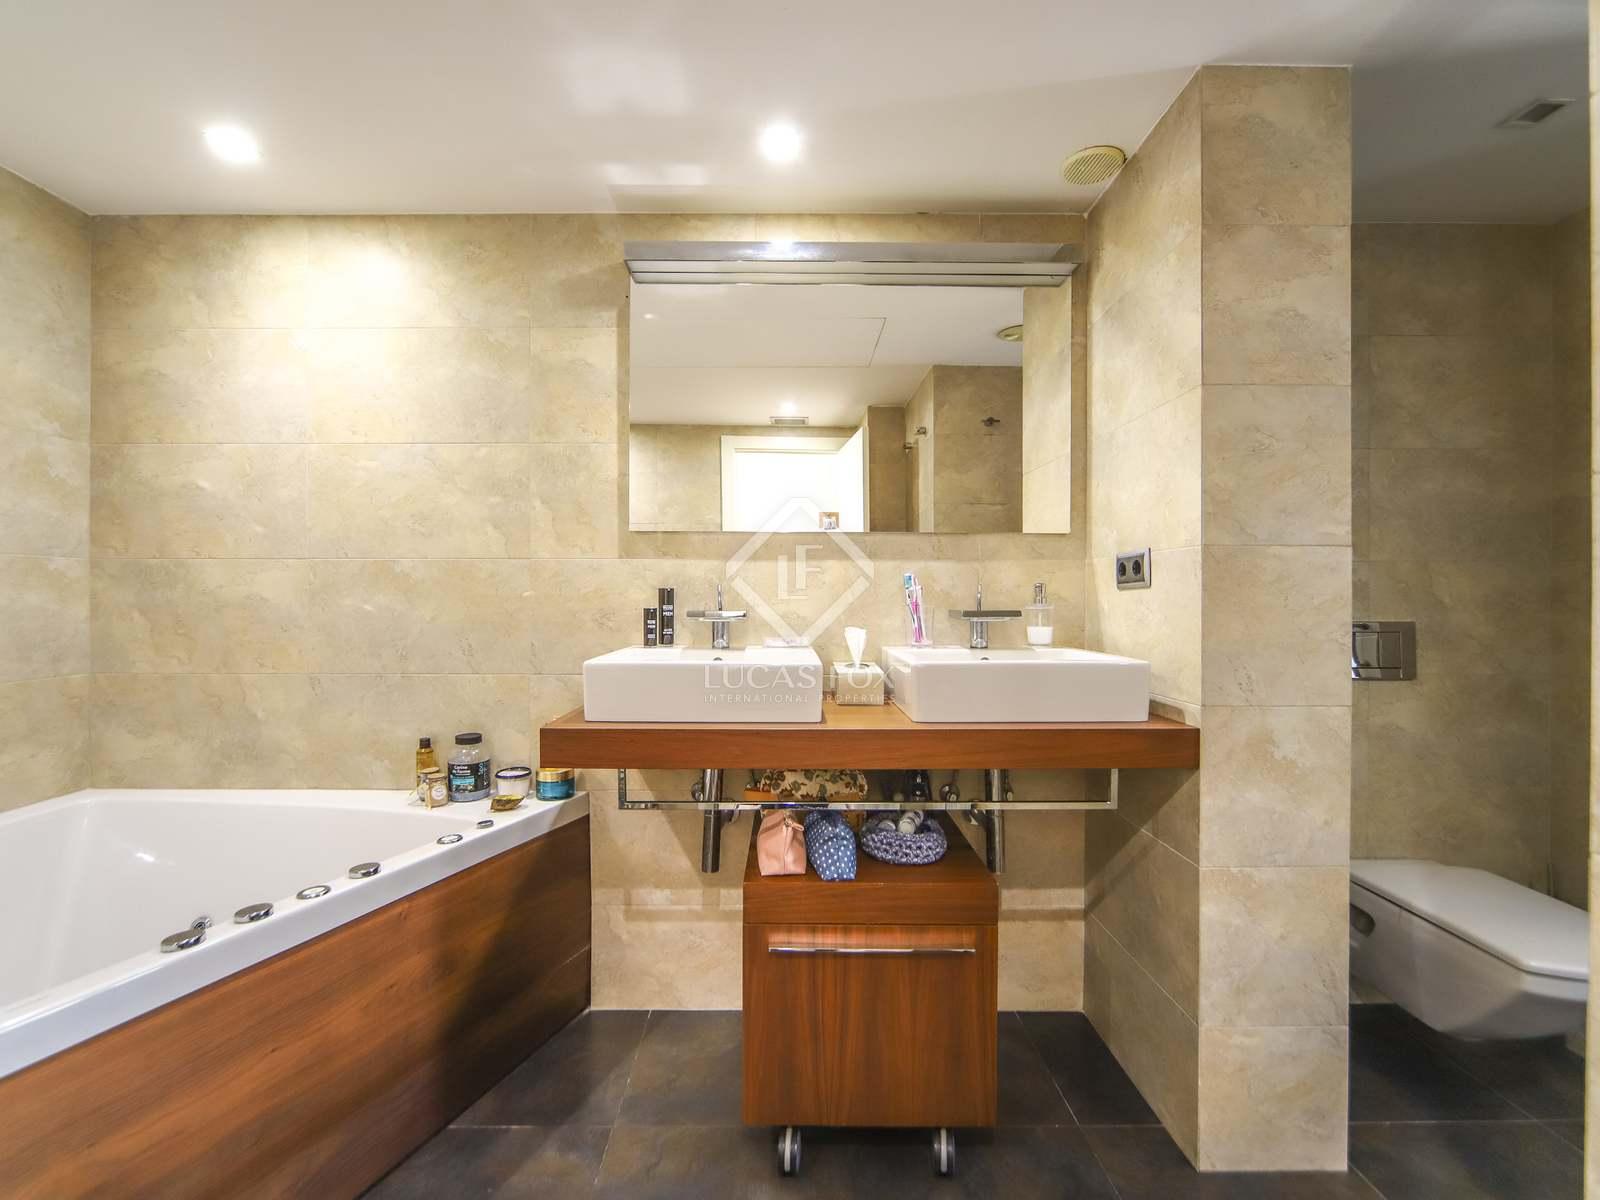 Baño principal : Imagen de la vivienda